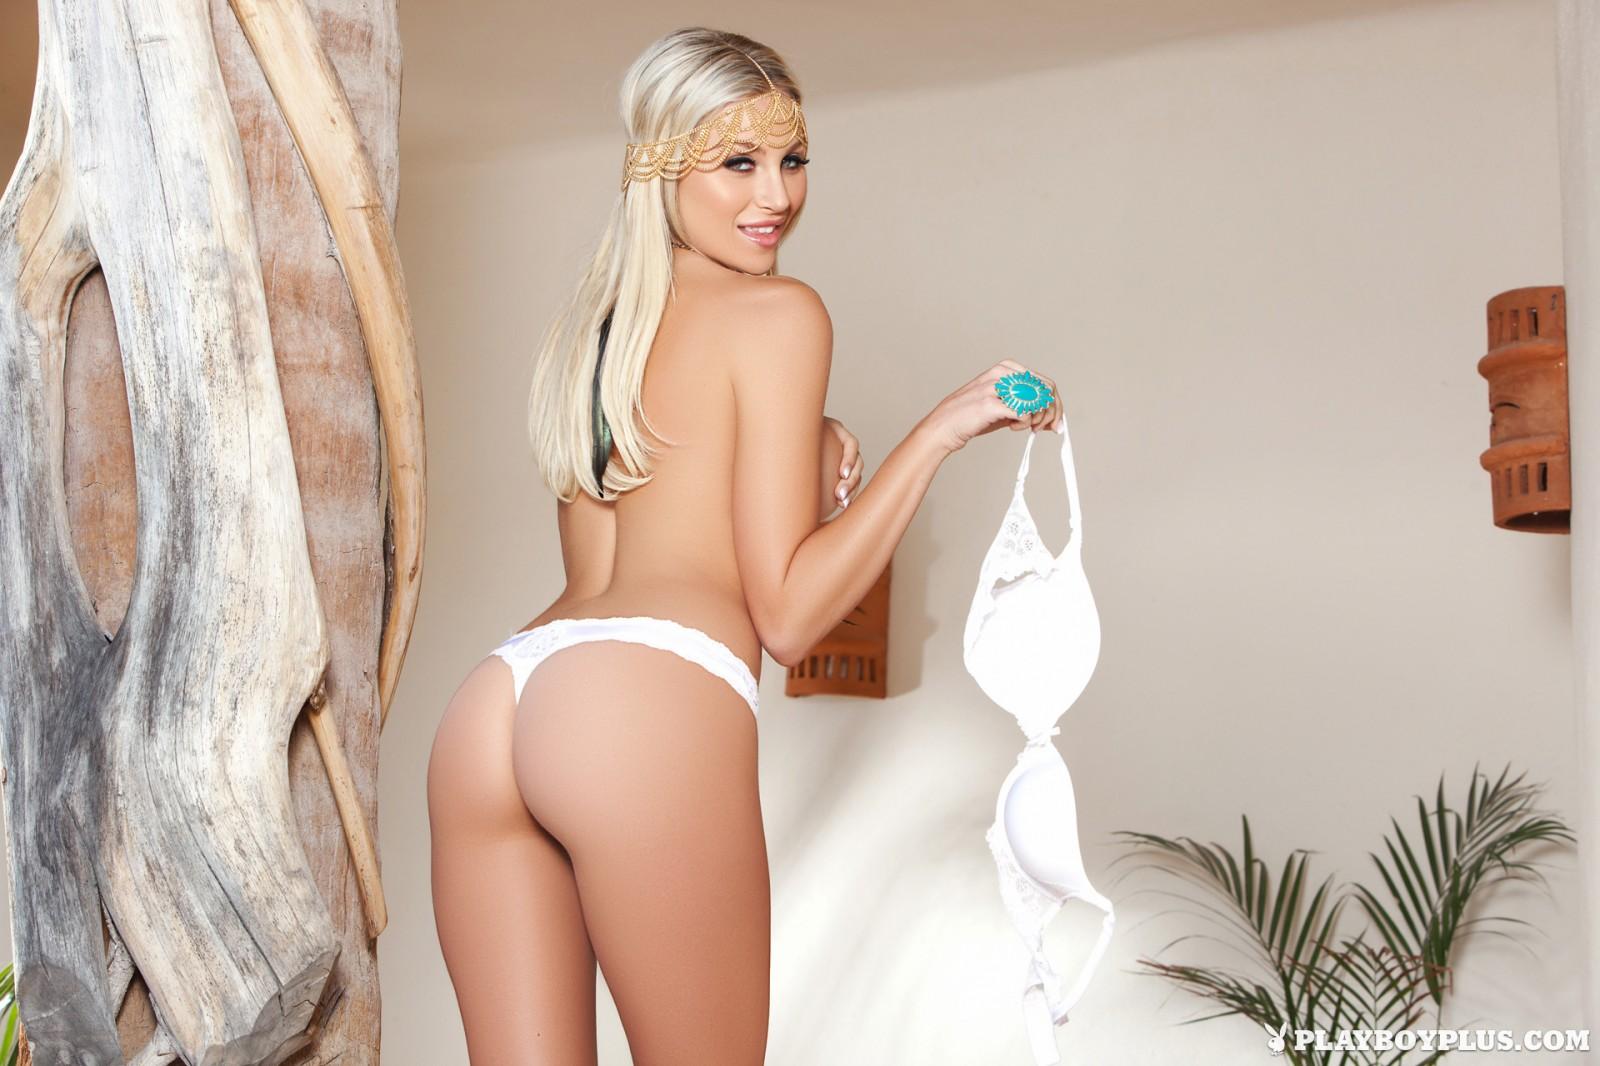 Lea seydoux images hot